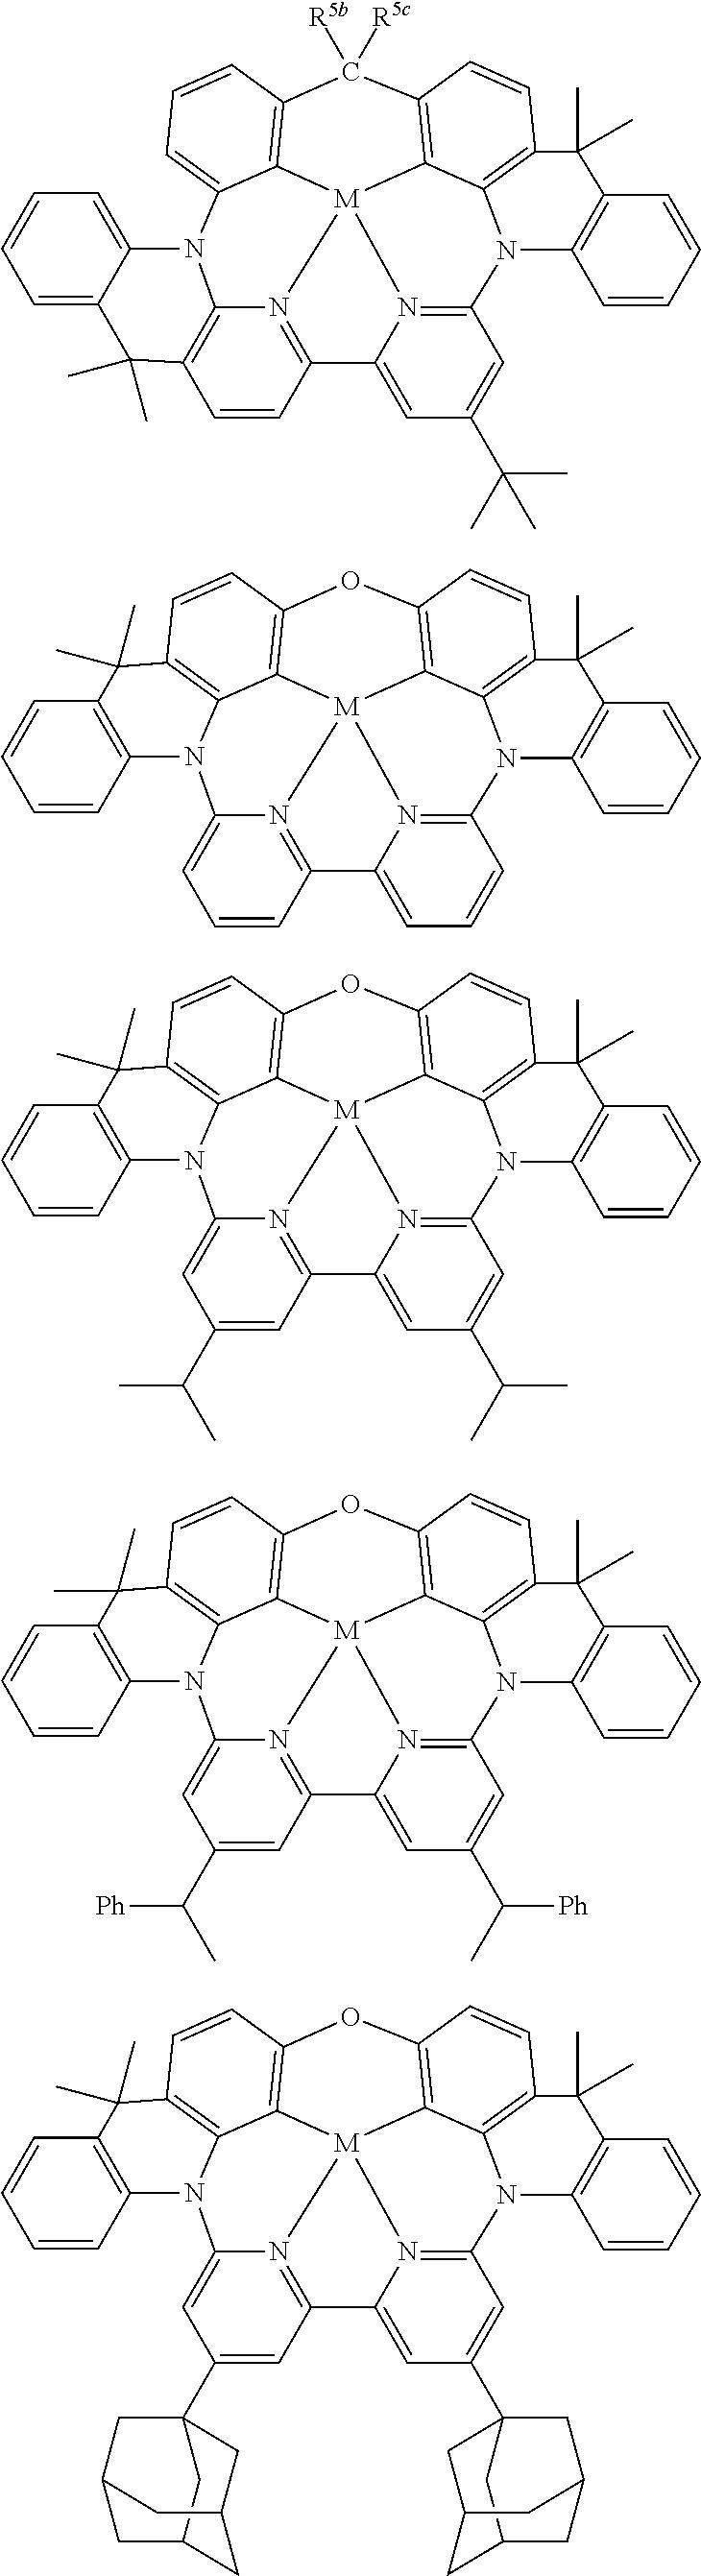 Figure US10158091-20181218-C00193